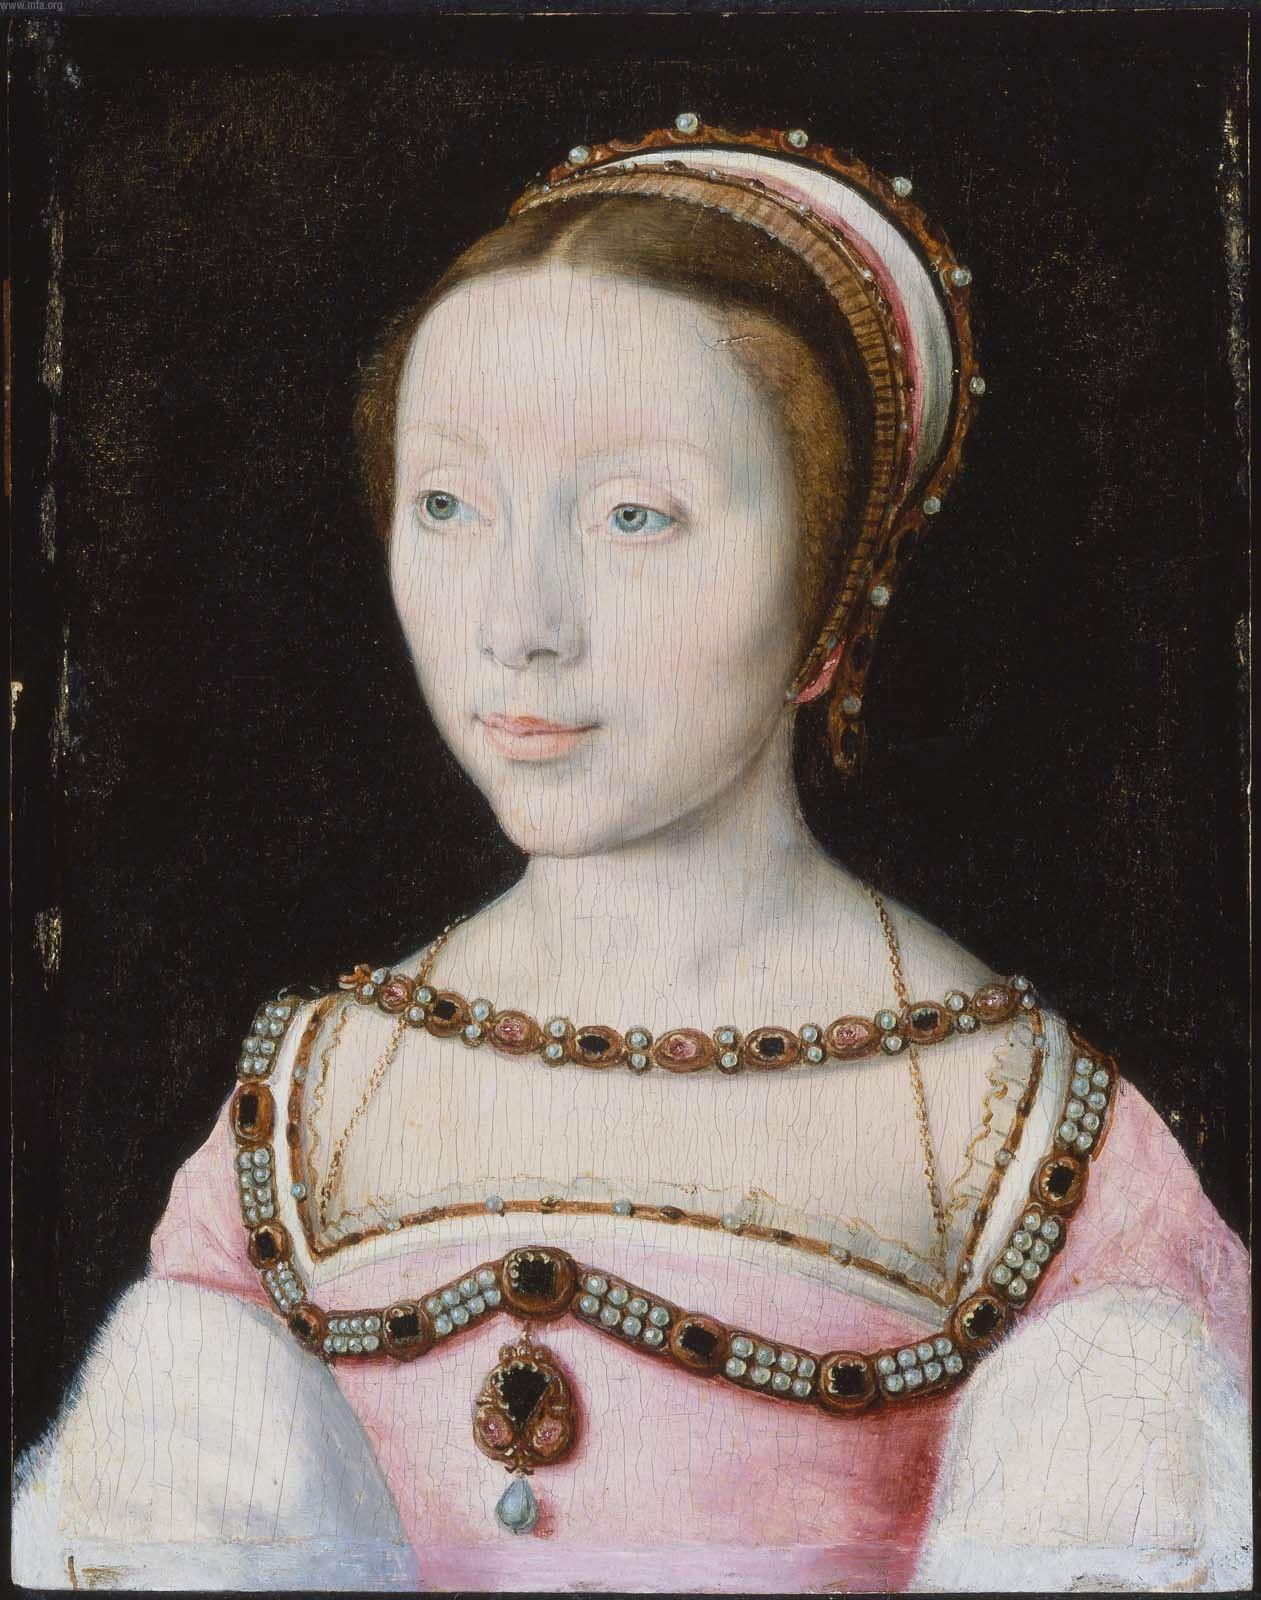 1536 (approx) - Francoise de Longwy by Corneille de Lyon